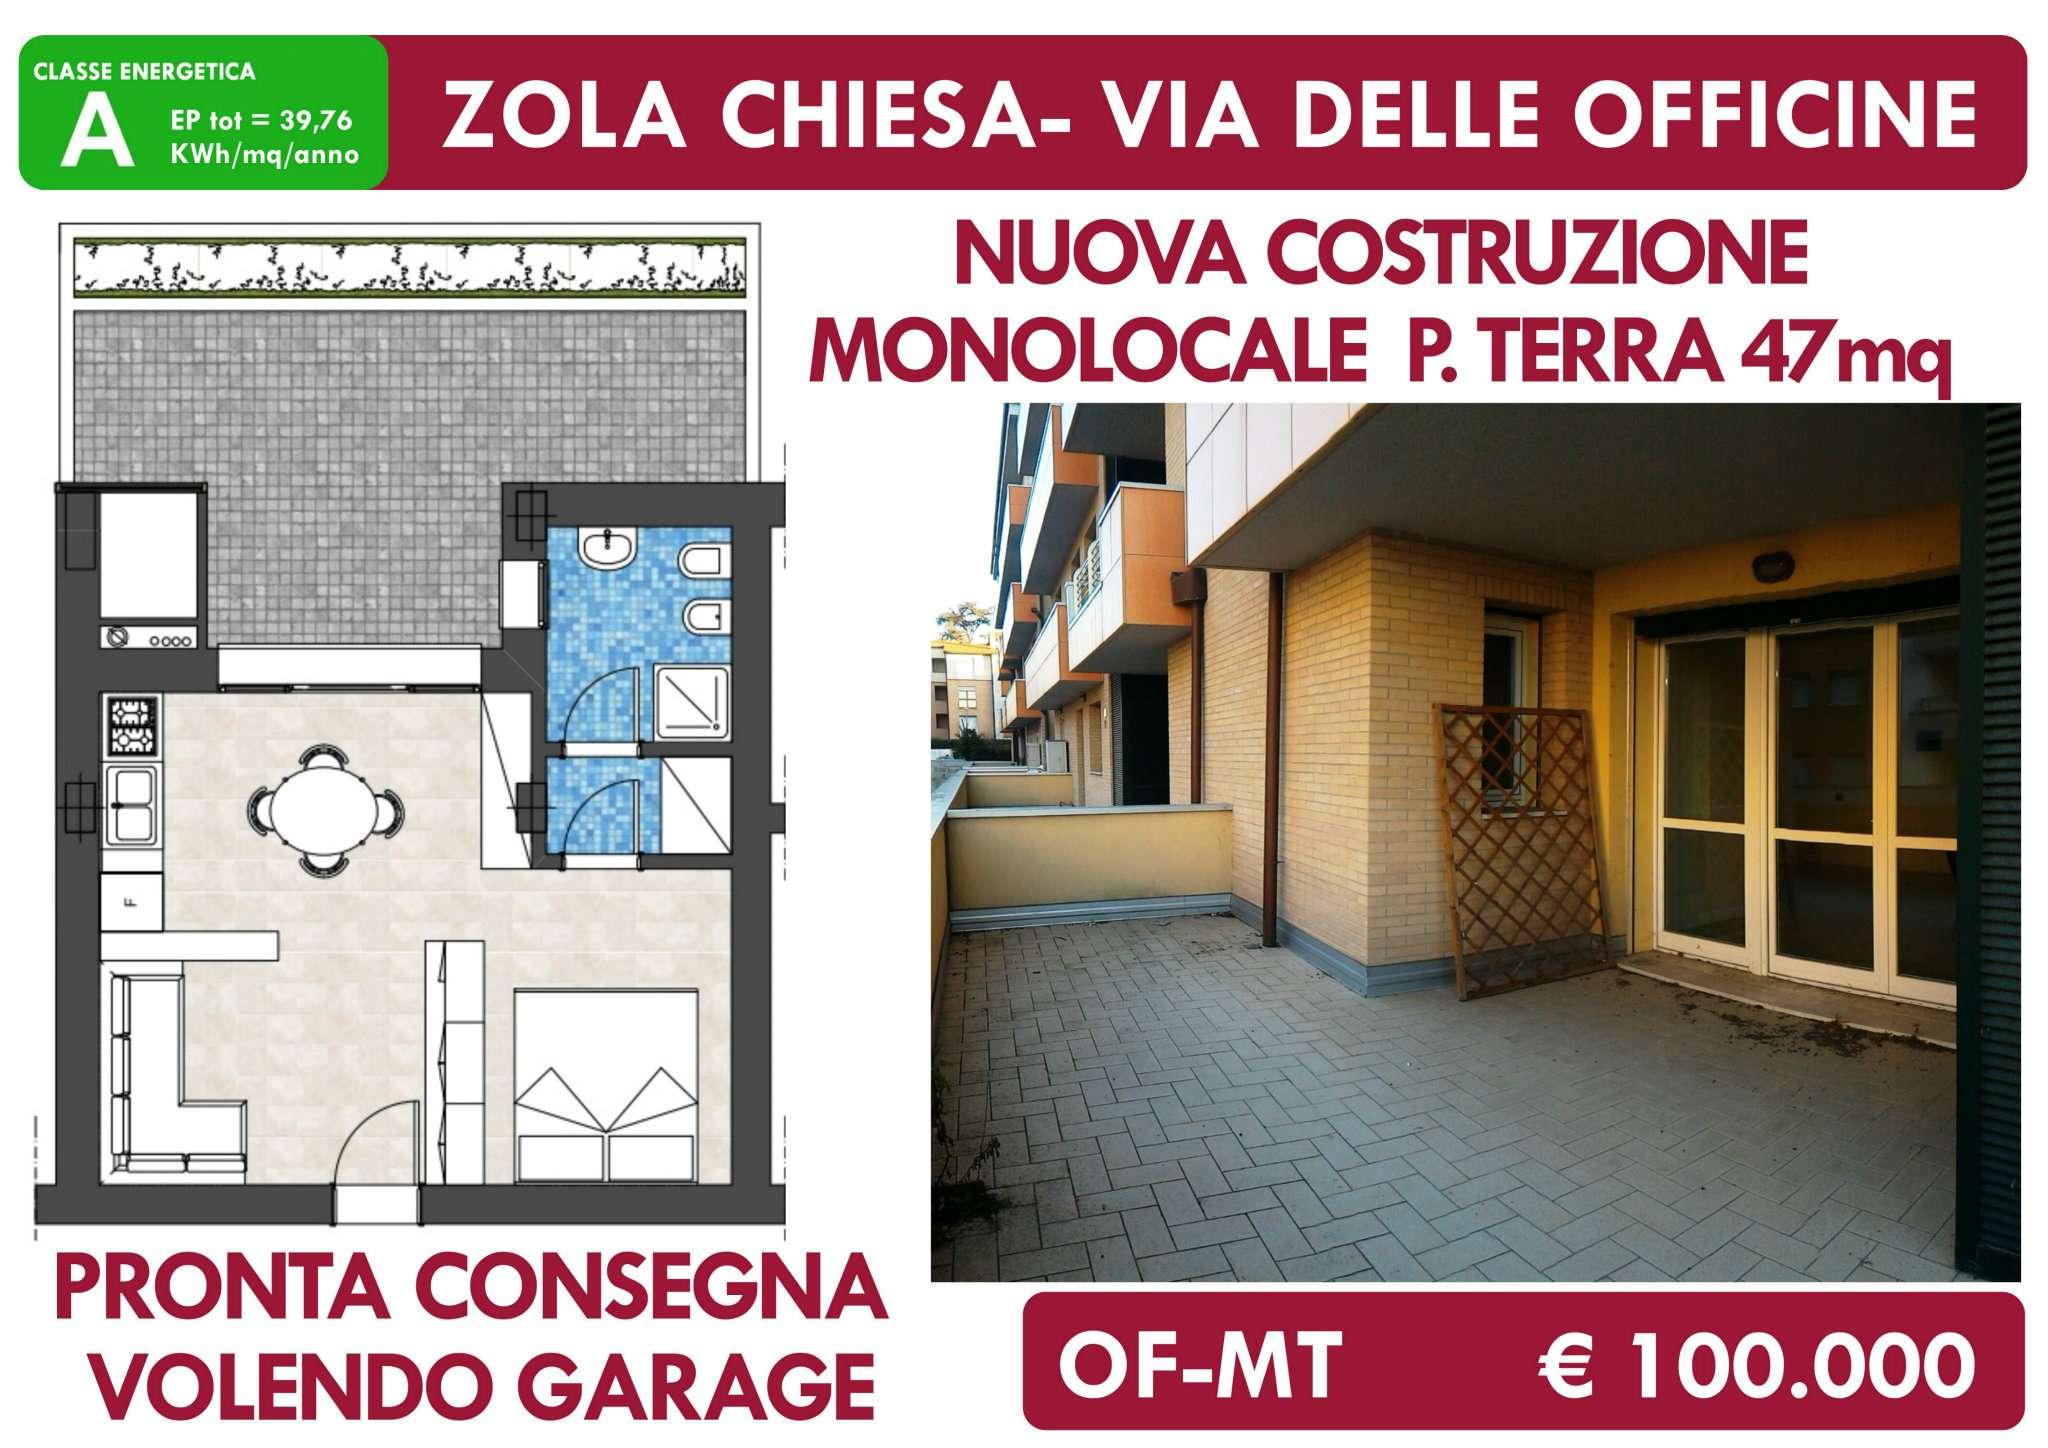 Appartamento in vendita a Zola Predosa, 1 locali, prezzo € 100.000 | PortaleAgenzieImmobiliari.it